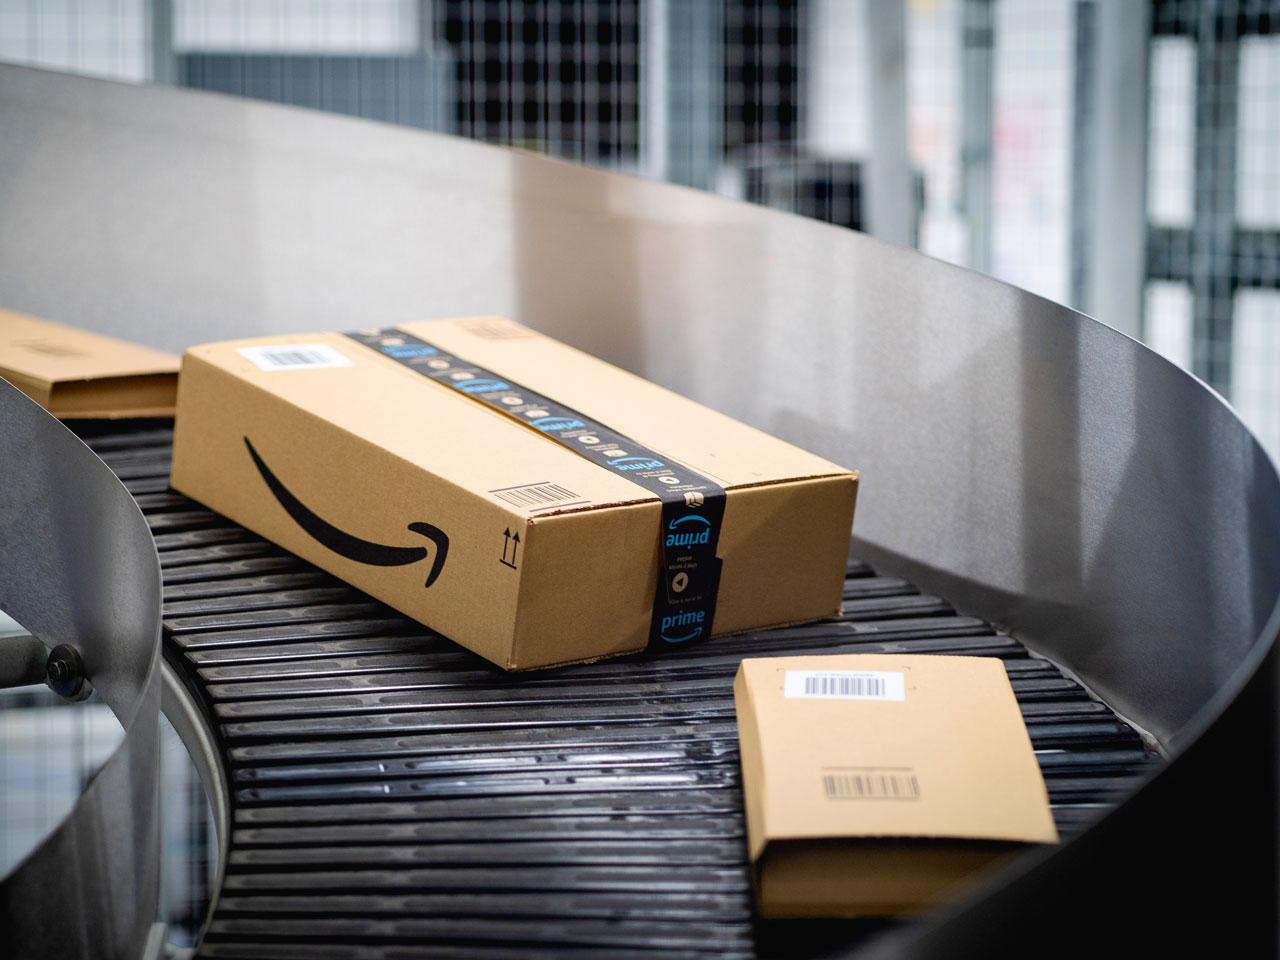 An Amazon box on a conveyor belt